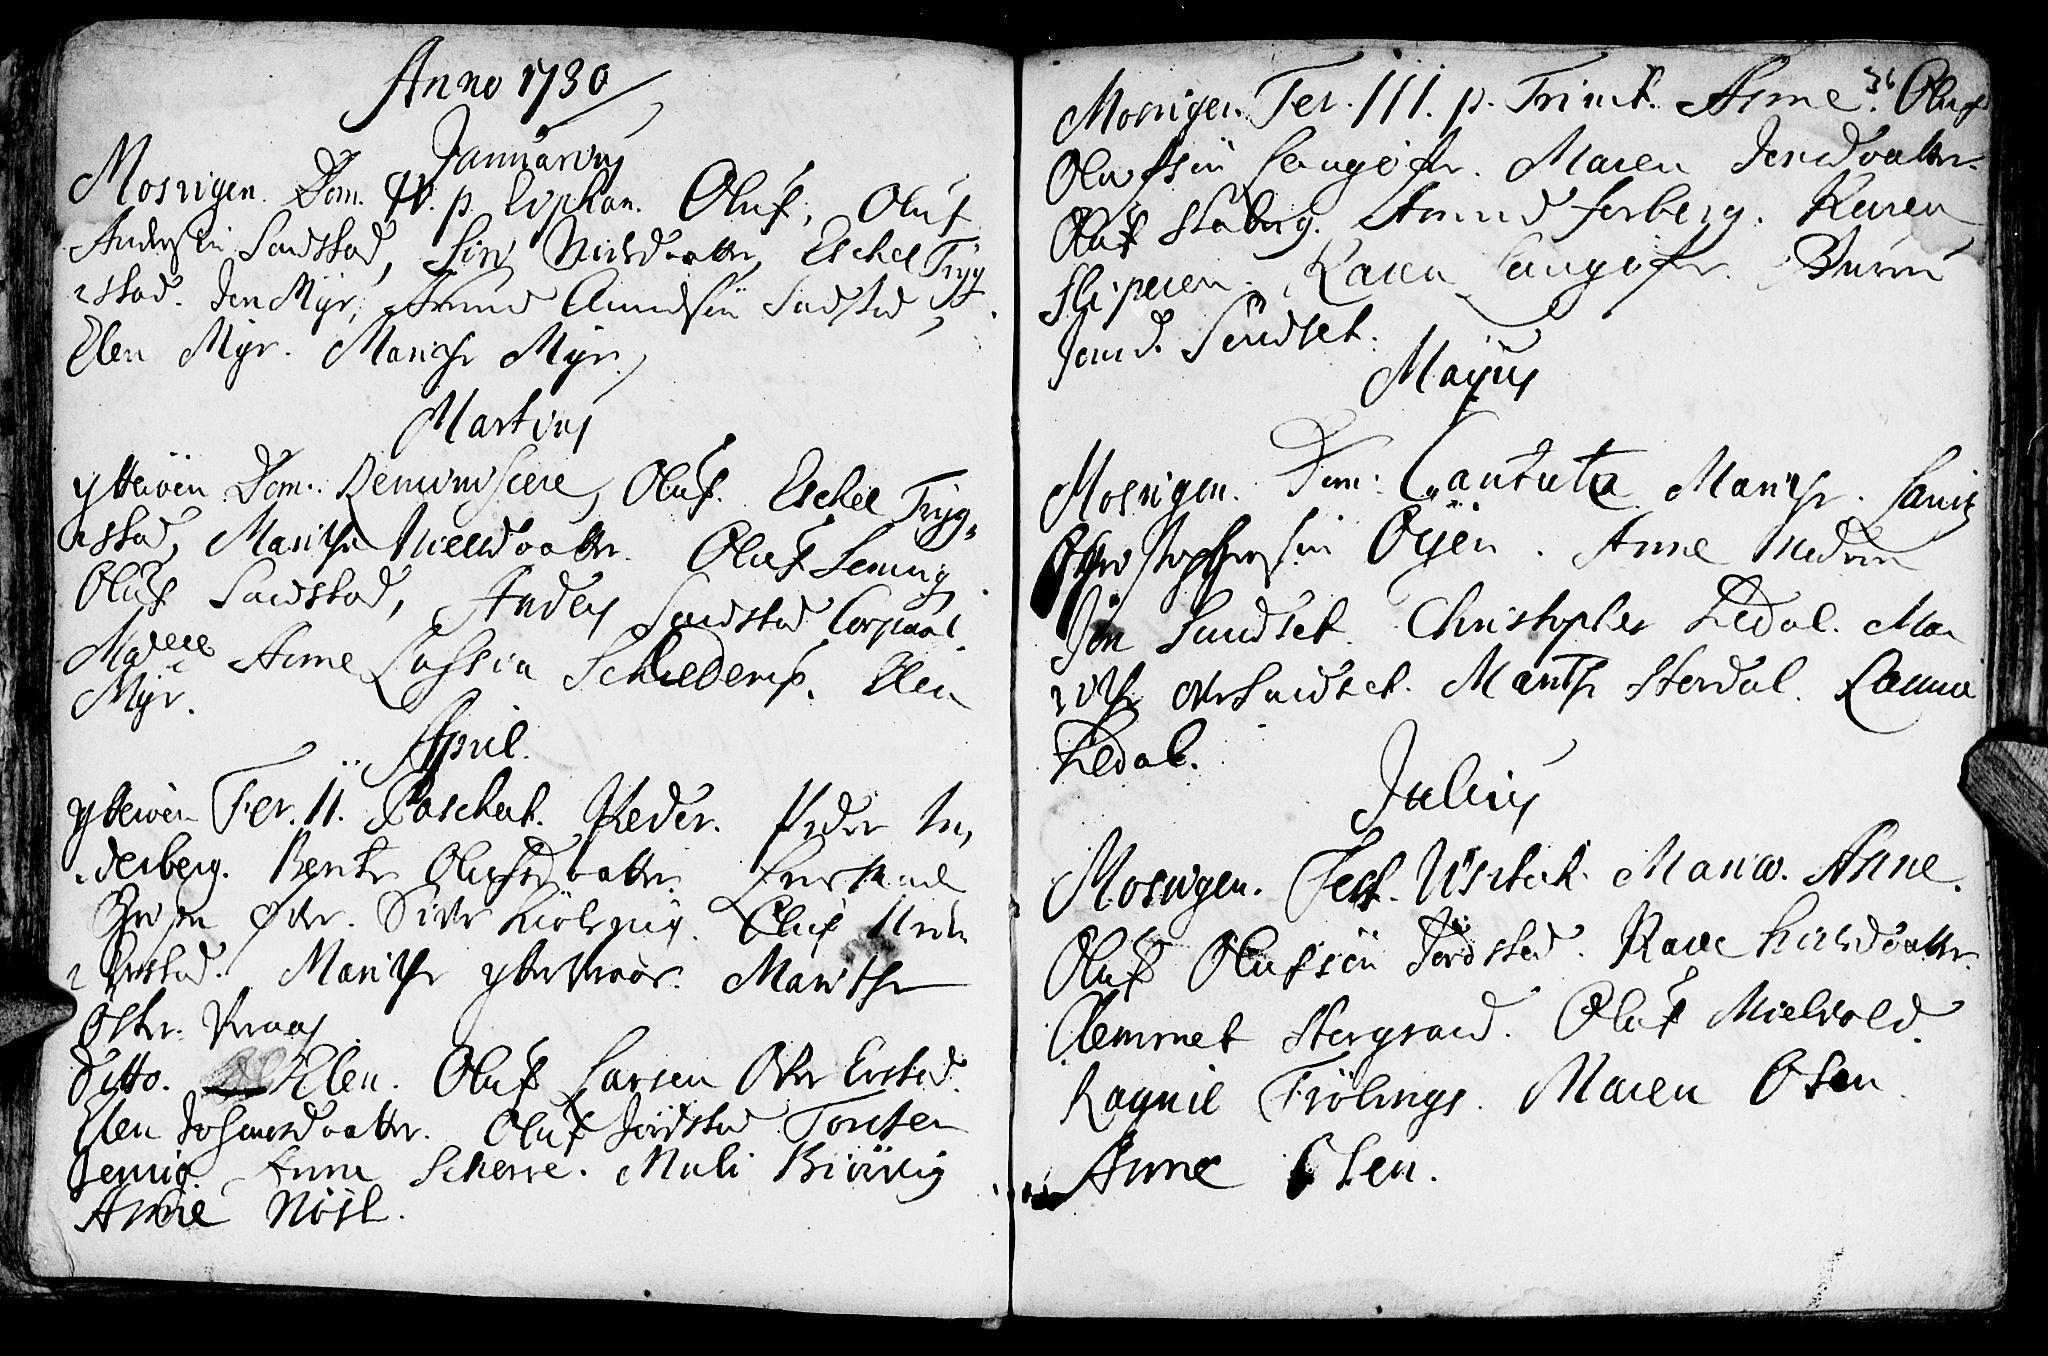 SAT, Ministerialprotokoller, klokkerbøker og fødselsregistre - Nord-Trøndelag, 722/L0215: Ministerialbok nr. 722A02, 1718-1755, s. 36